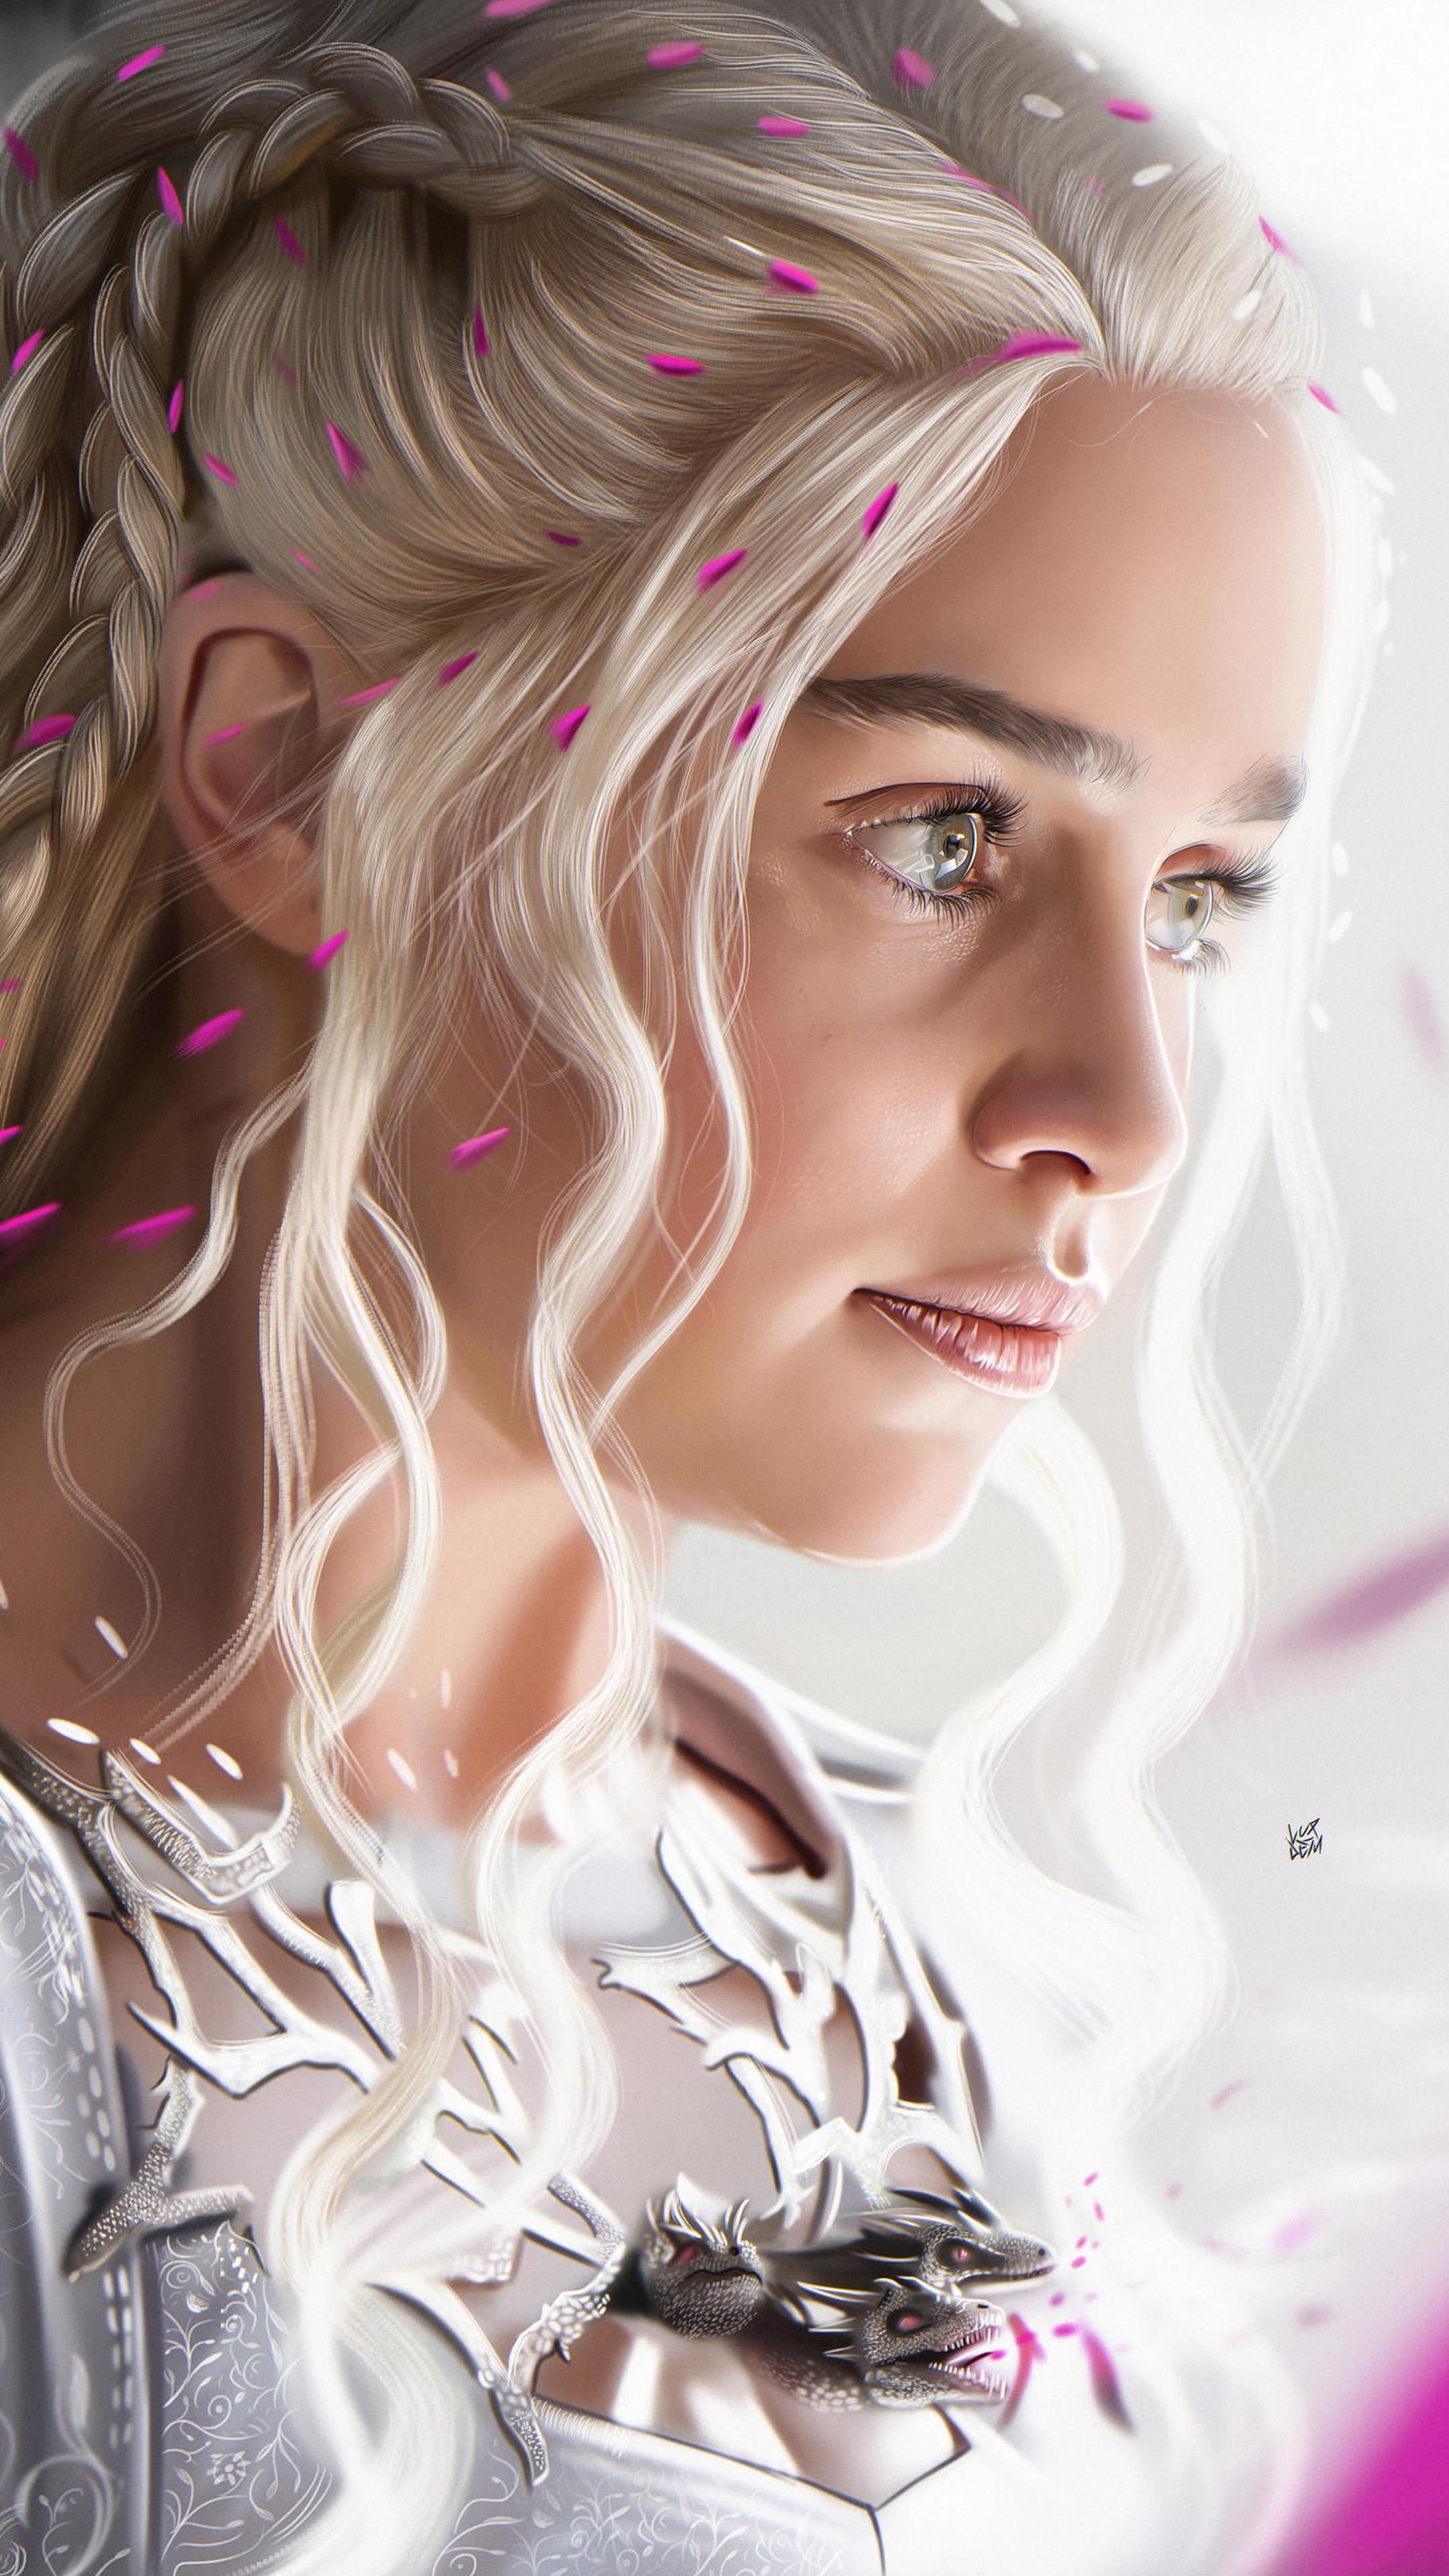 2160x3840 Emilia Clarke For Rolling Stone Sony Xperia X,XZ